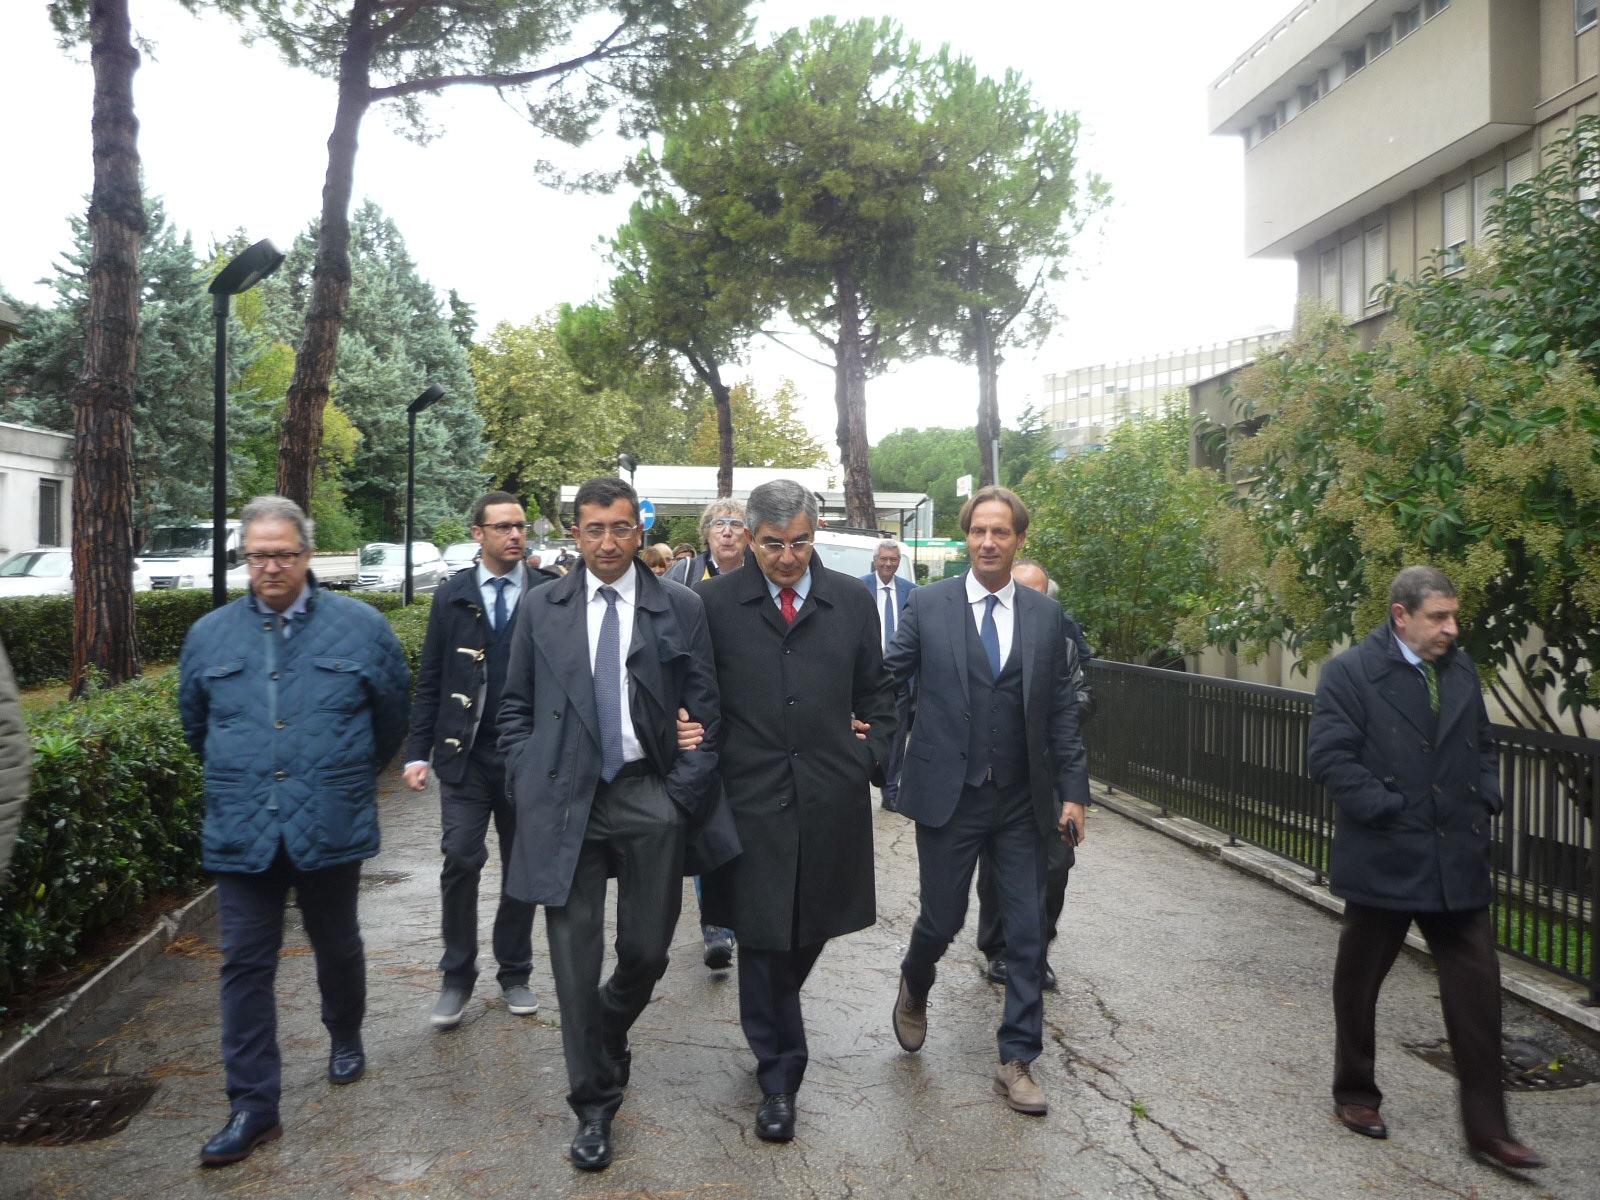 Nuovo ospedale Teramo, utilizzati i fondi di Giulianova: sconcerto del sindaco